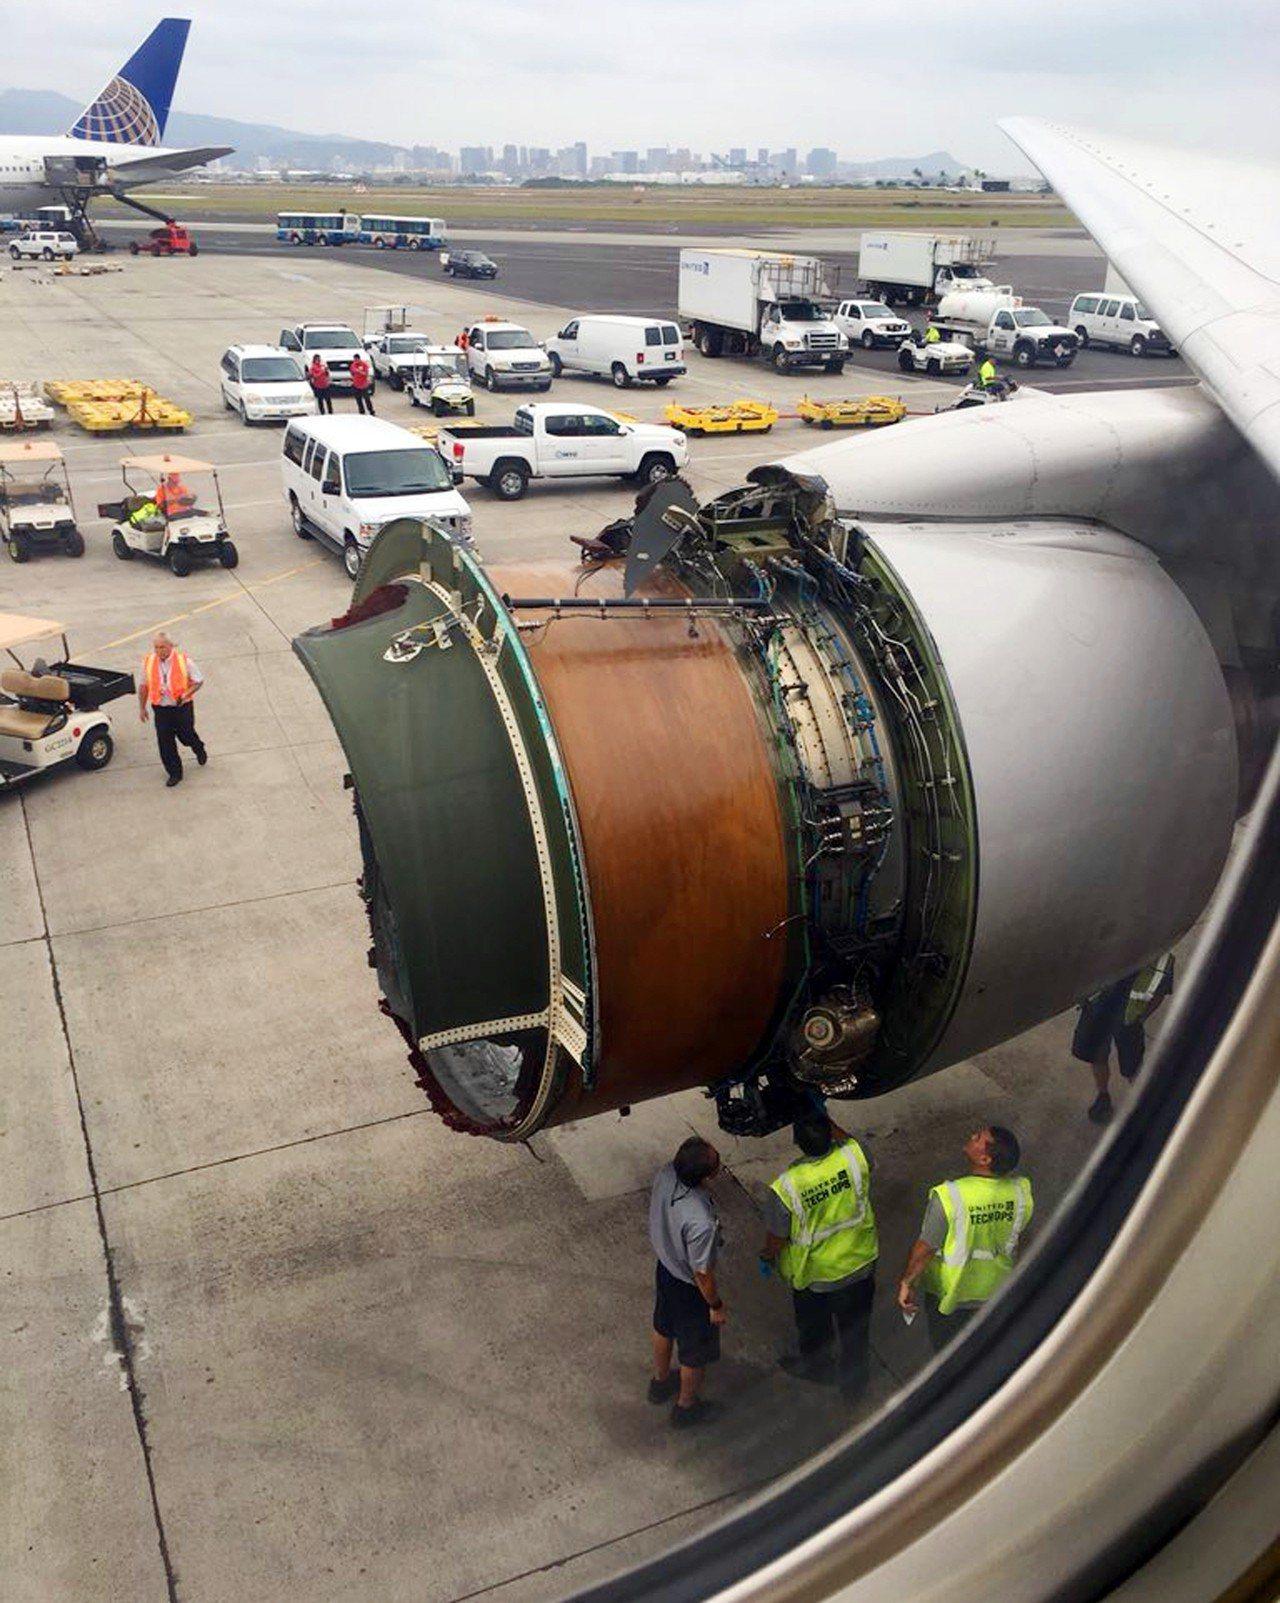 從舊金山起飛的聯航1175航班在檀香山平穩降落後,停機坪上的工作人員正在檢視整流...